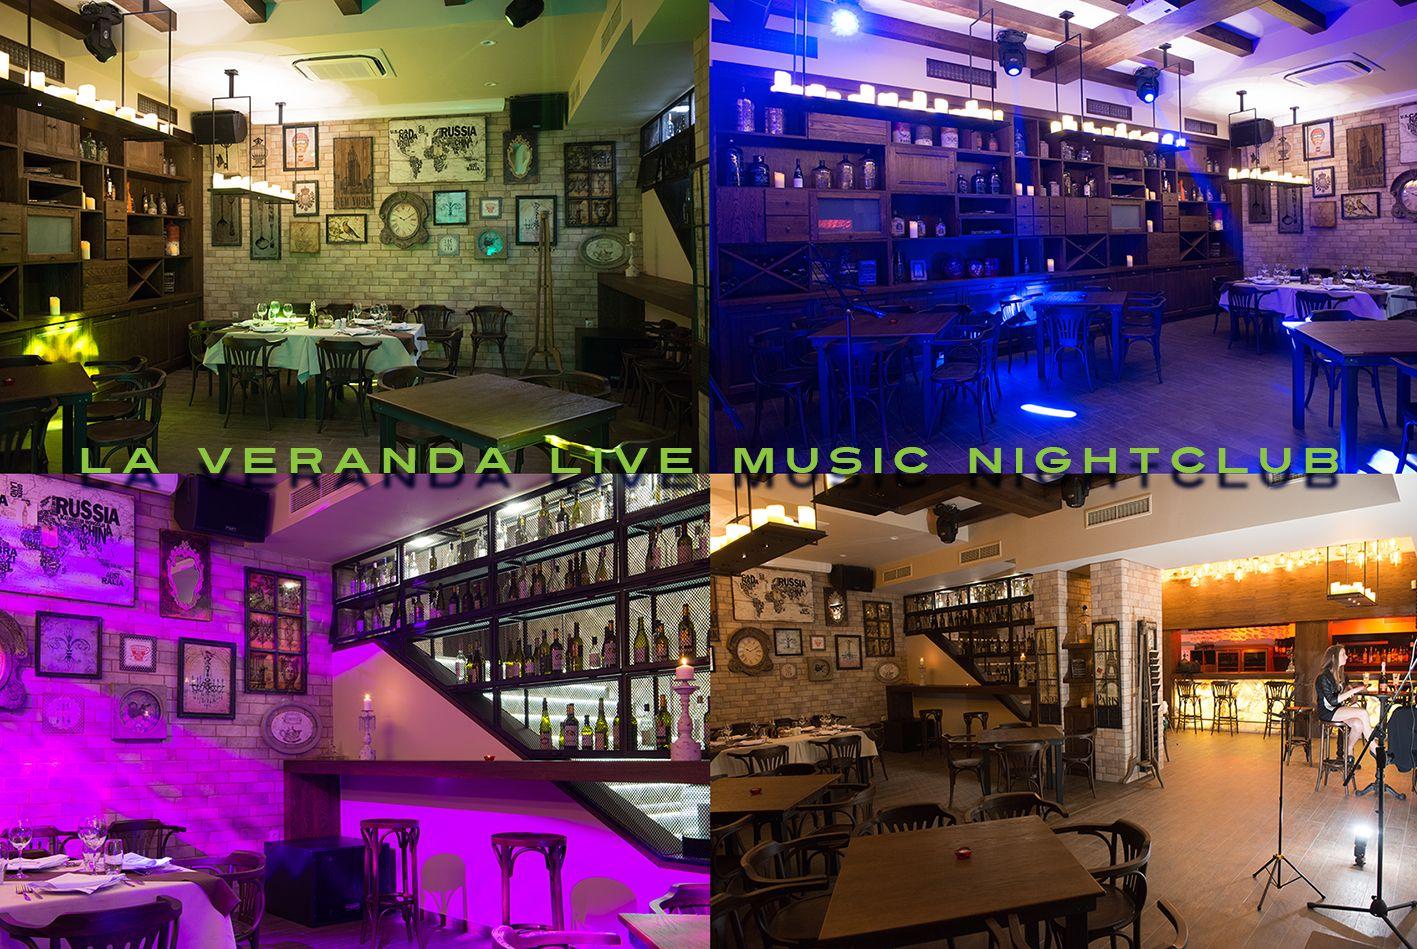 La Veranda Live Music Nightclub. | La veranda, Night club, Veranda